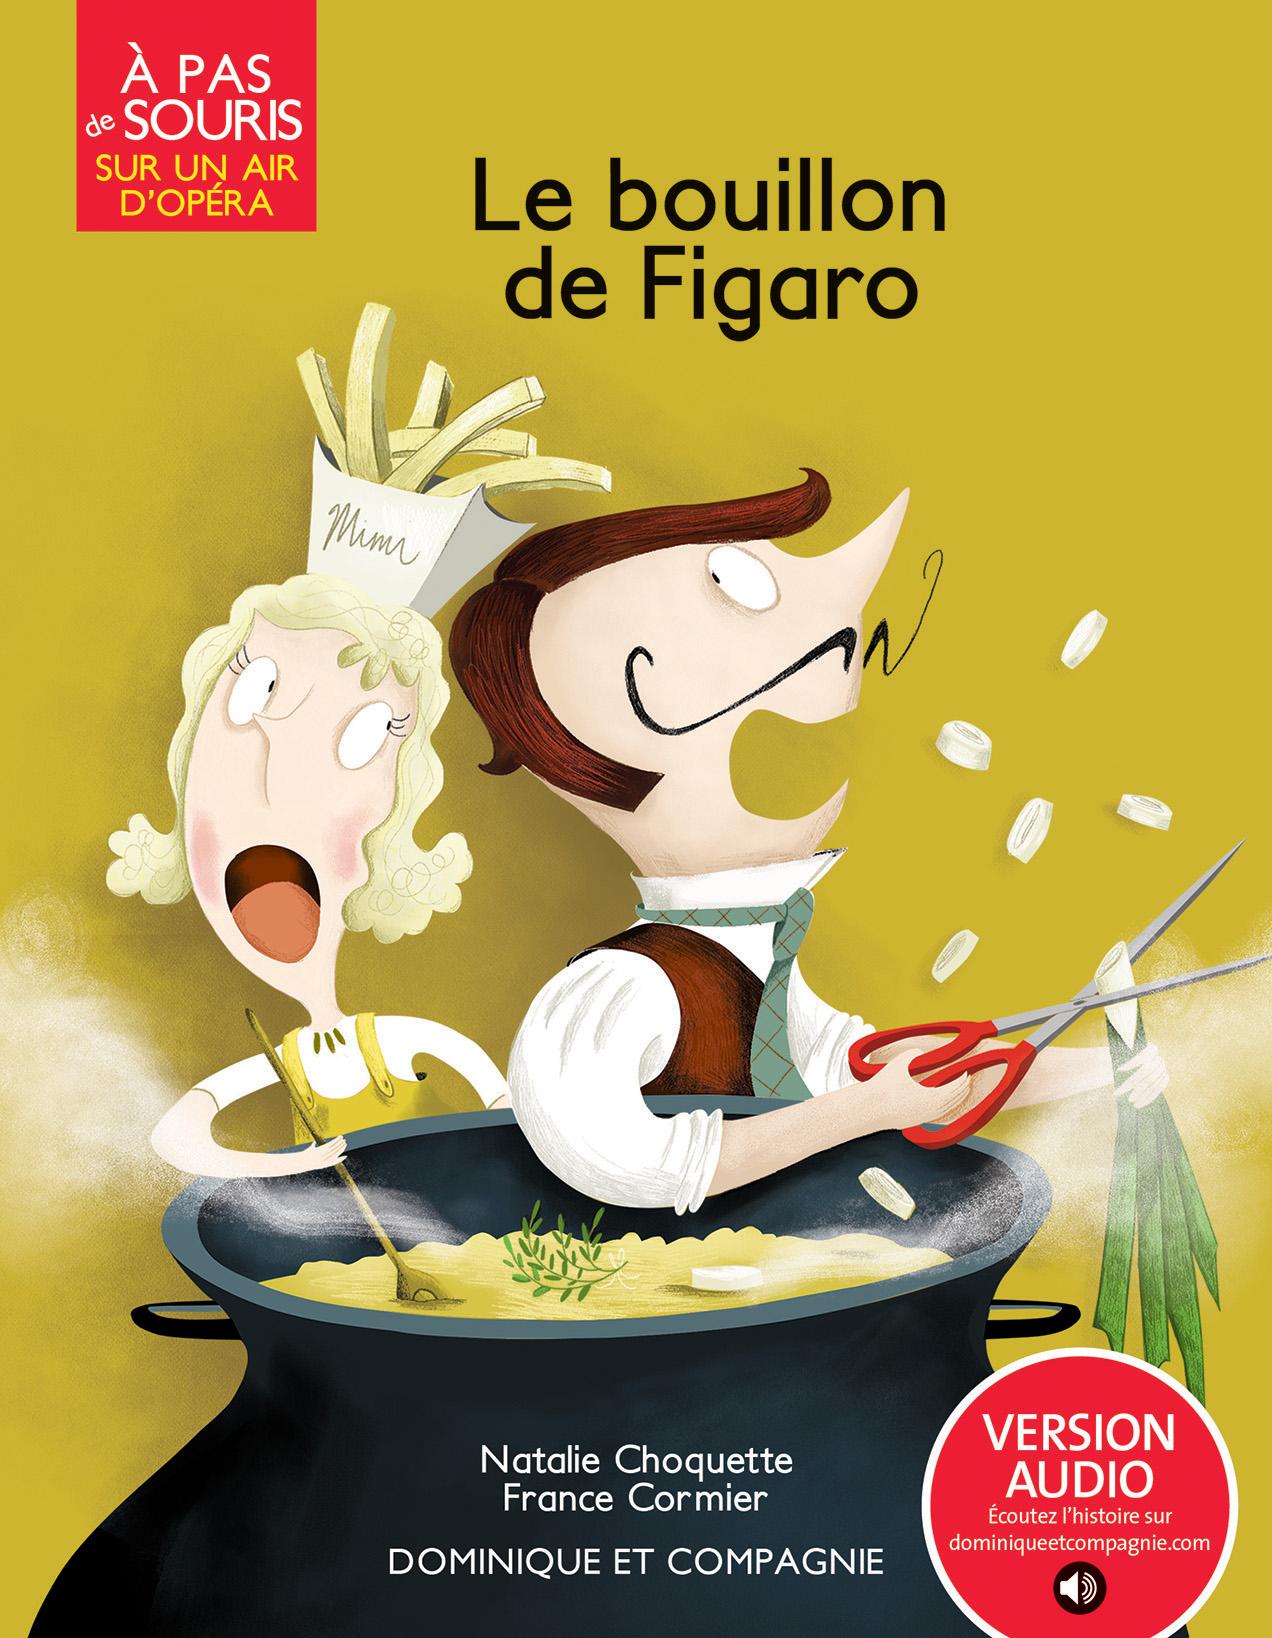 Le bouillon de Figaro